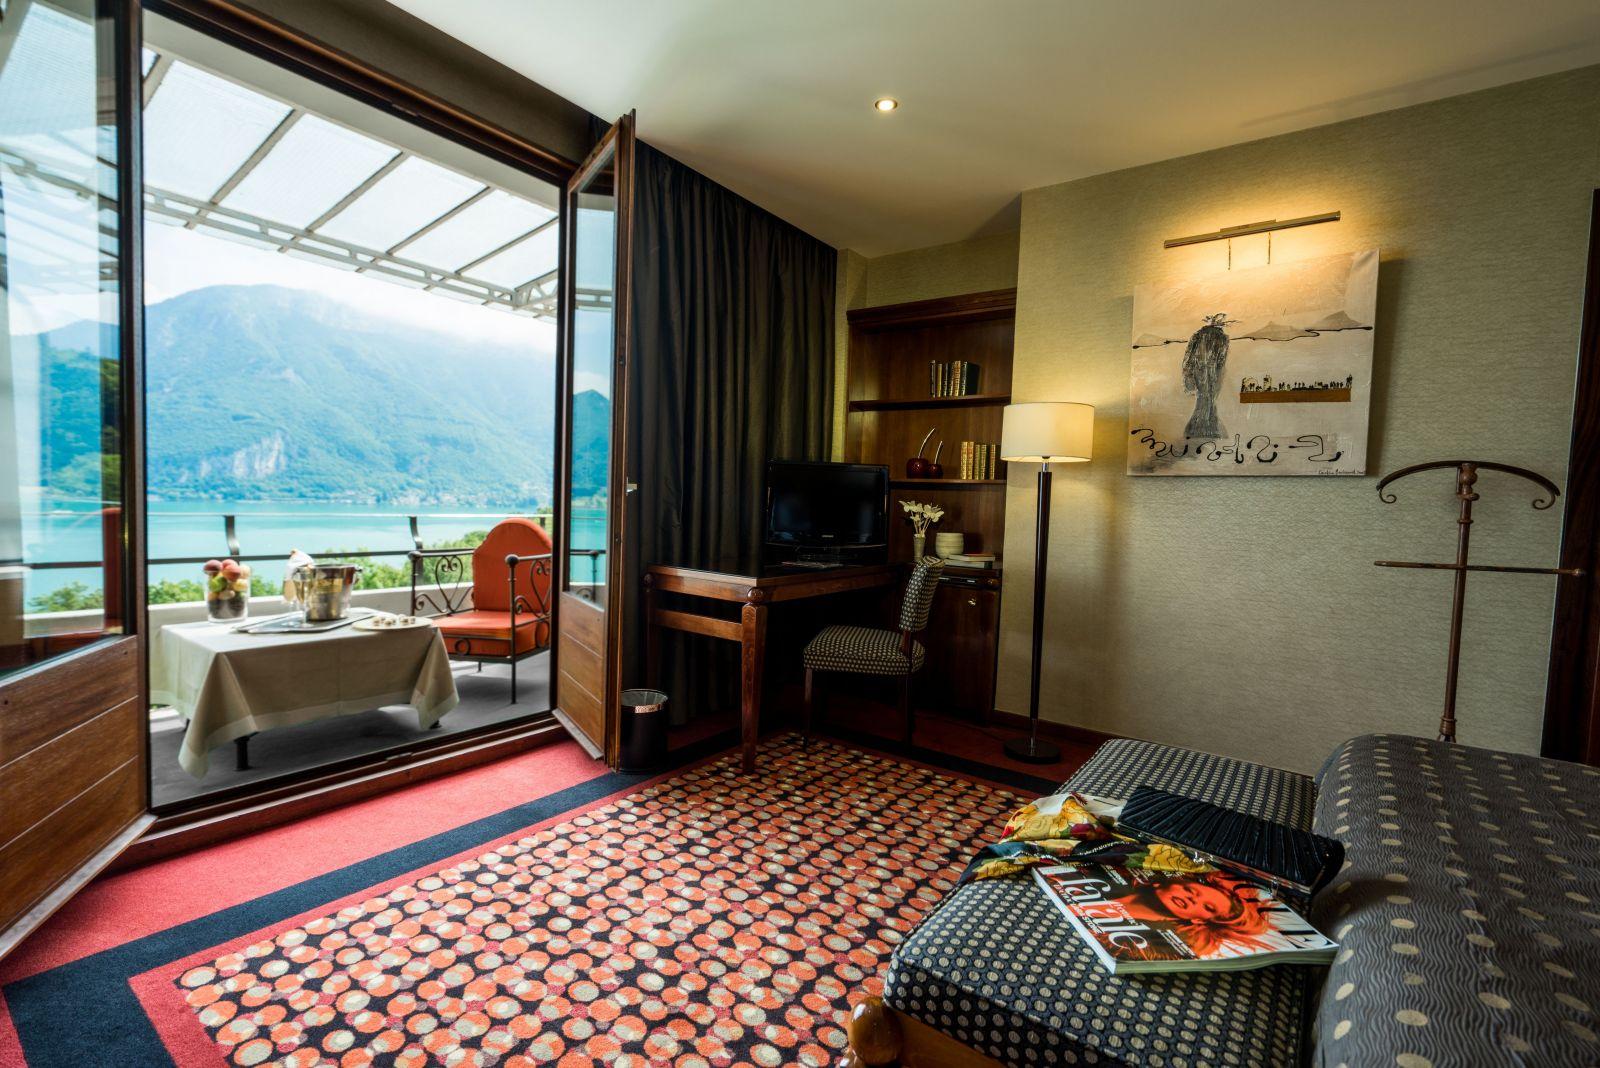 Quelles Sont Les Plus Belles Chambres D Hotes A Annecy Louer